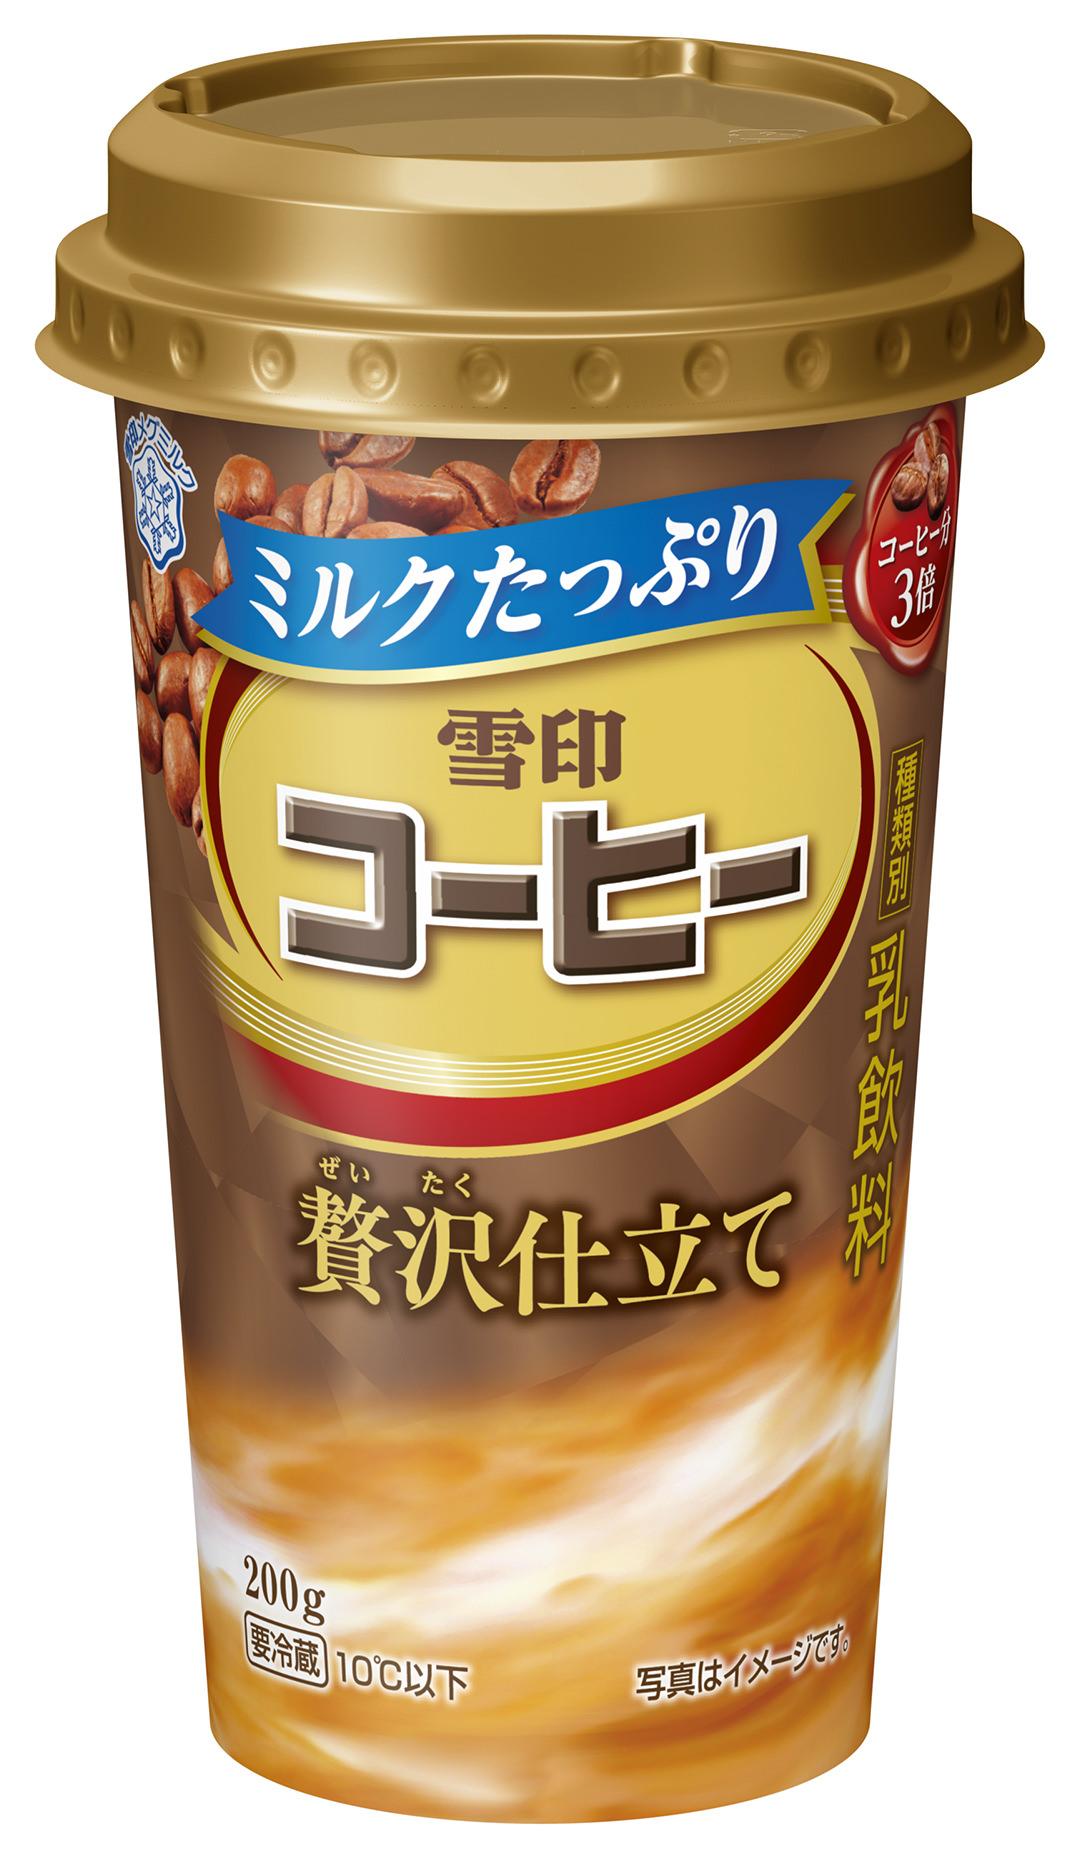 『ミルクたっぷり 雪印コーヒー 贅沢仕立て 』 『ミルクたっぷり 雪印コーヒー クリーミーカフェインレス』  2020年3月3日(火)よりリニューアル発売